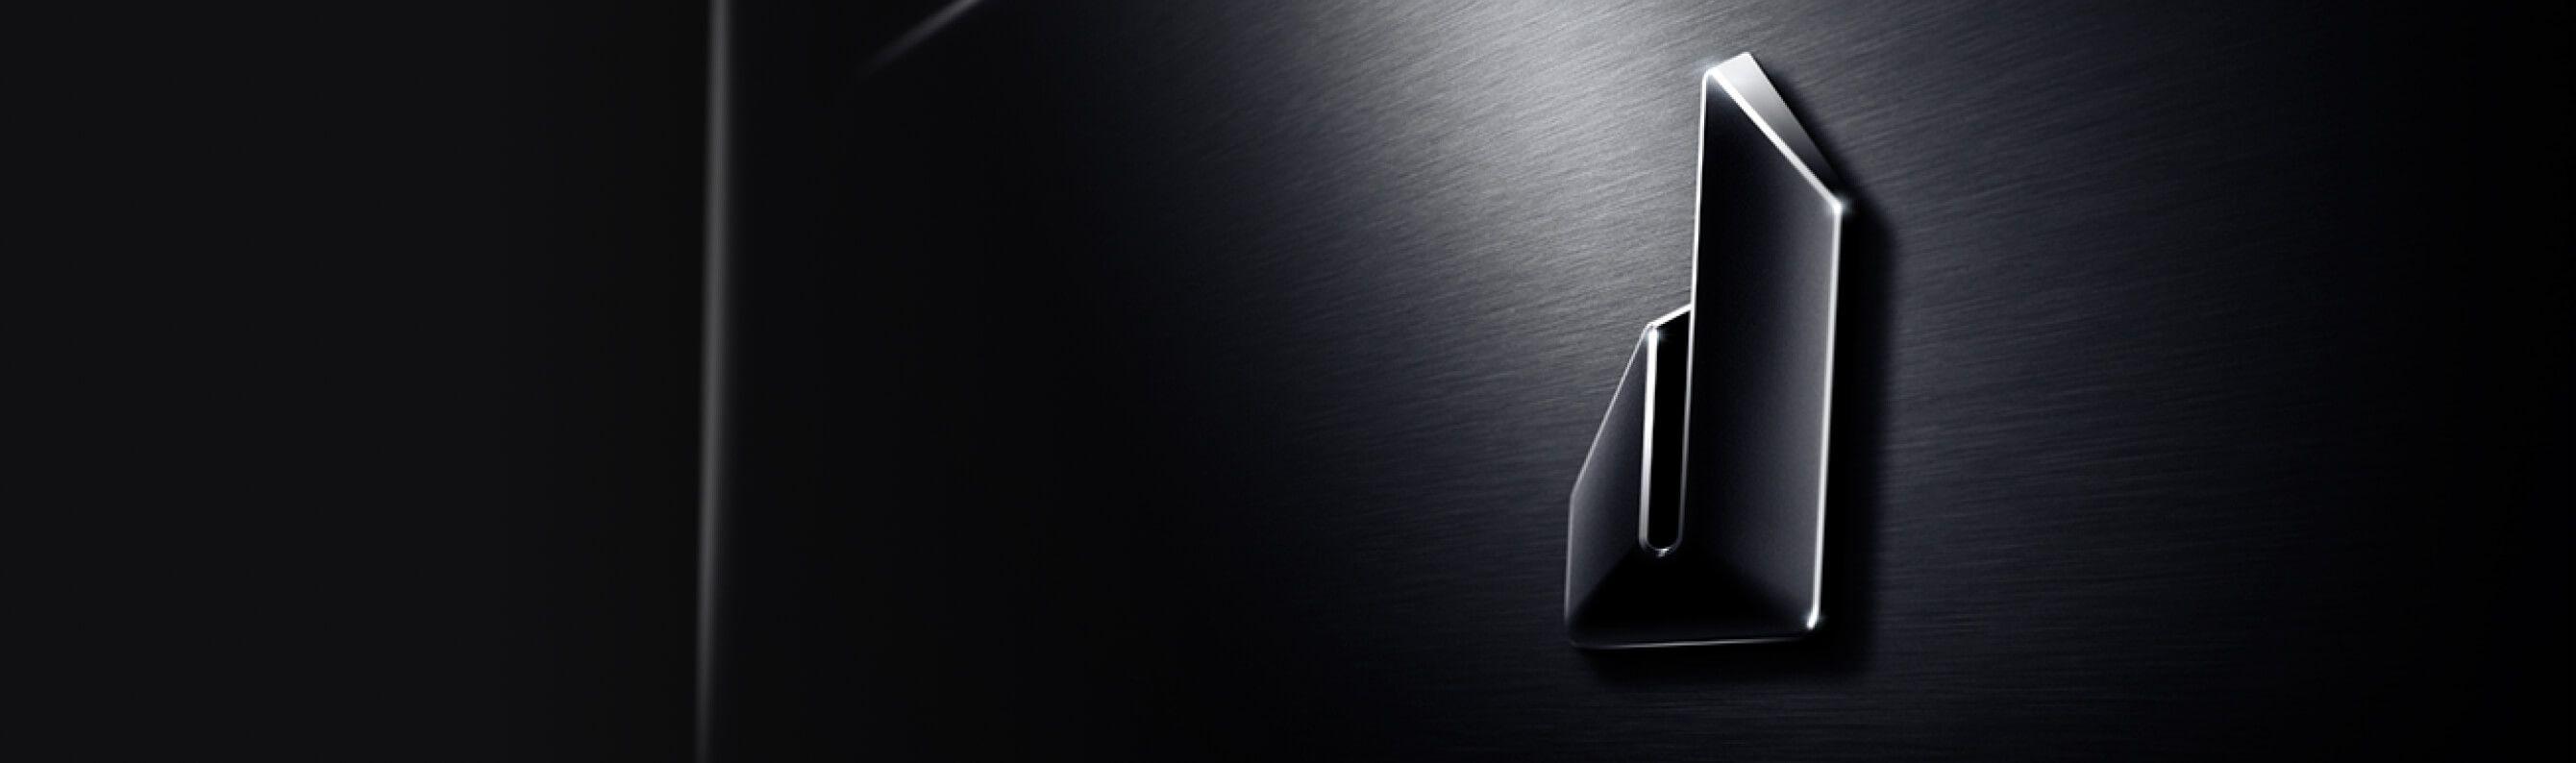 A bold badge on a JennAir® appliance.